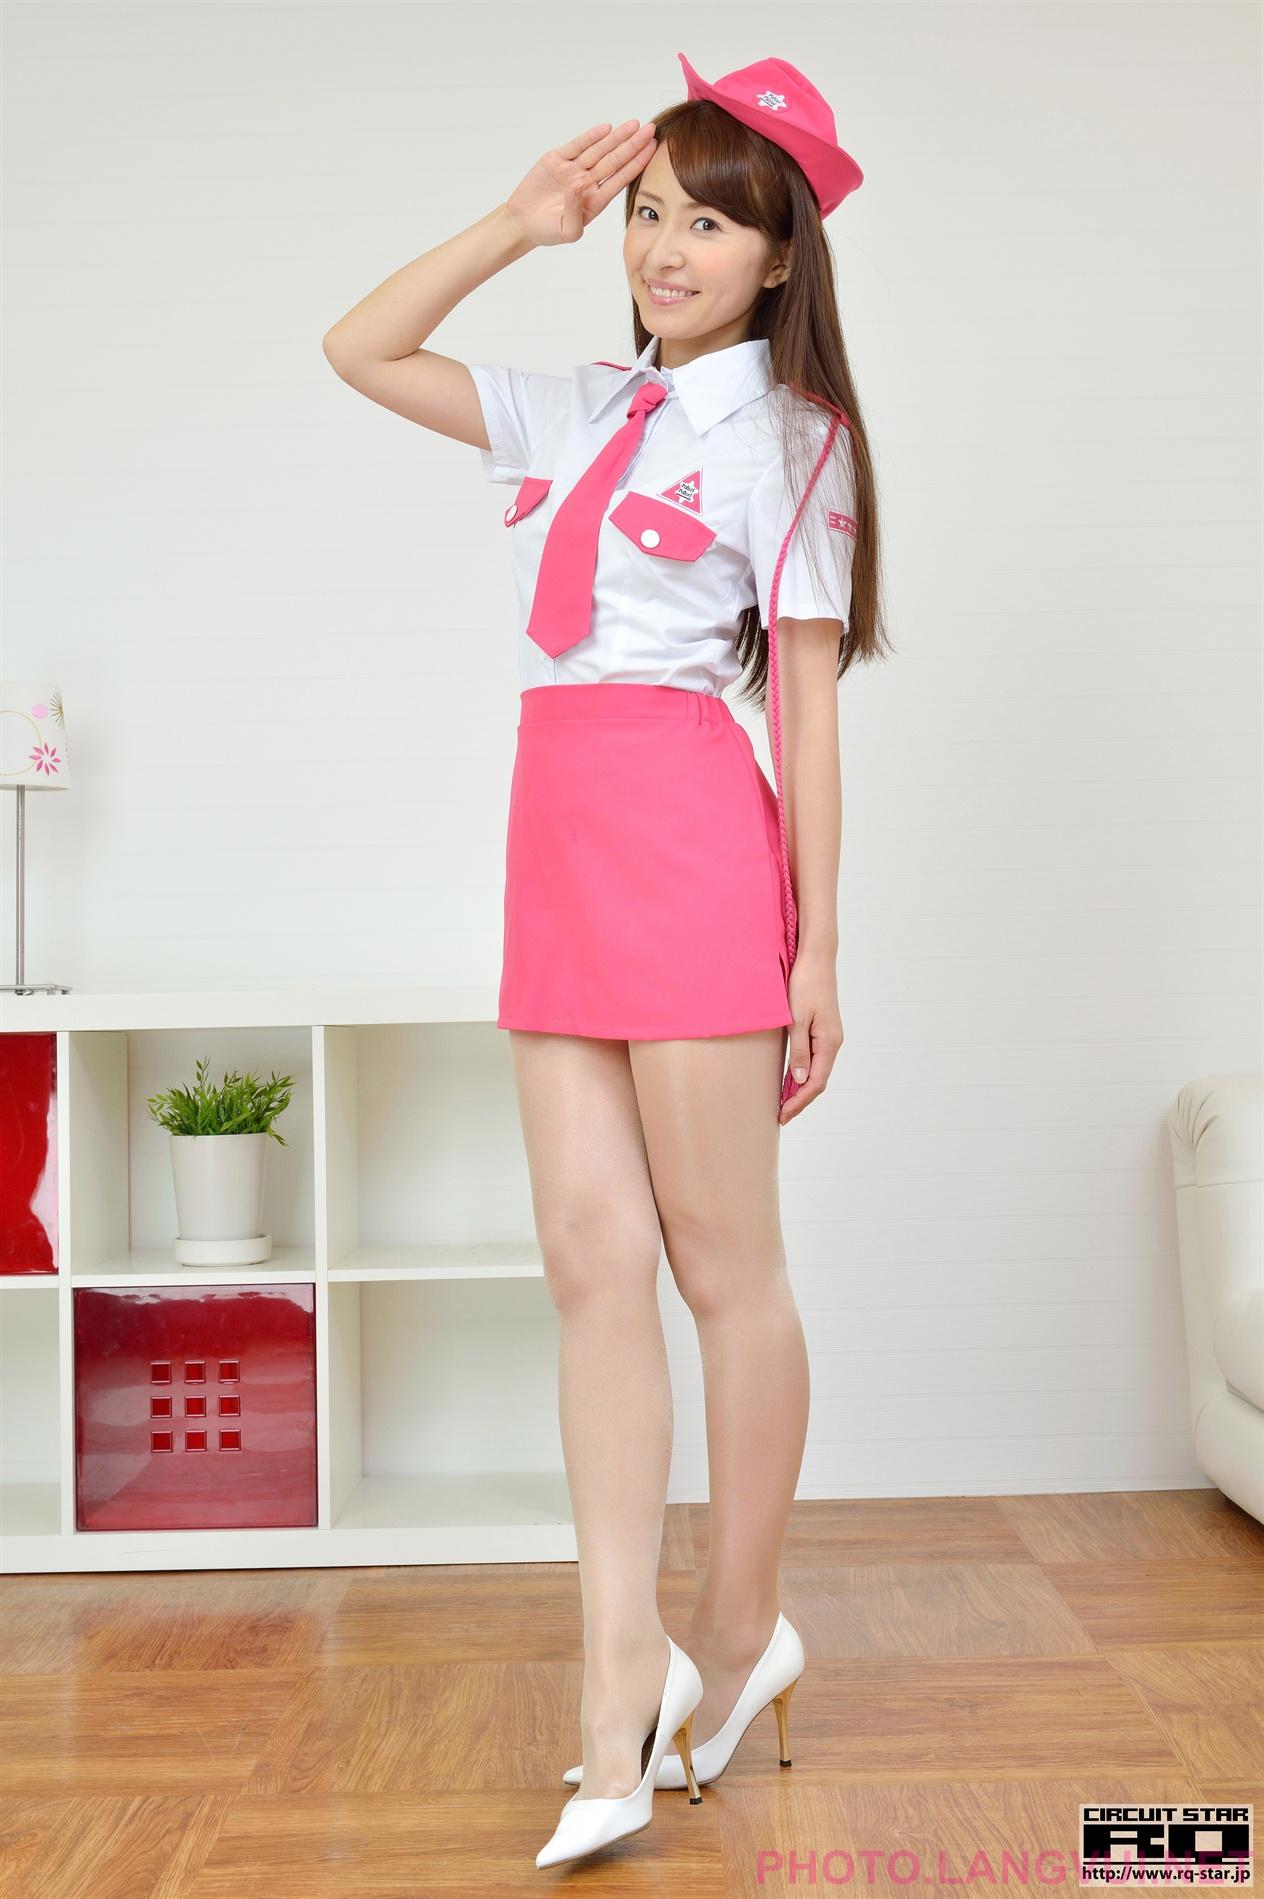 RQ STAR No 01081 Rena Sawai